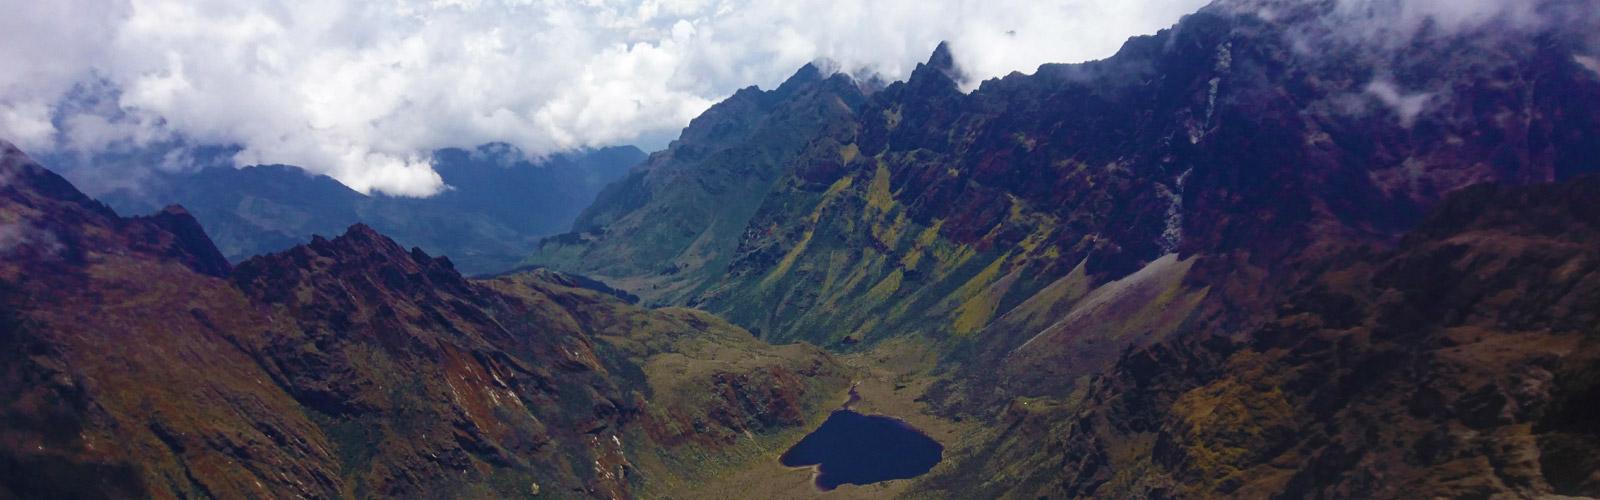 trekking rwenzori